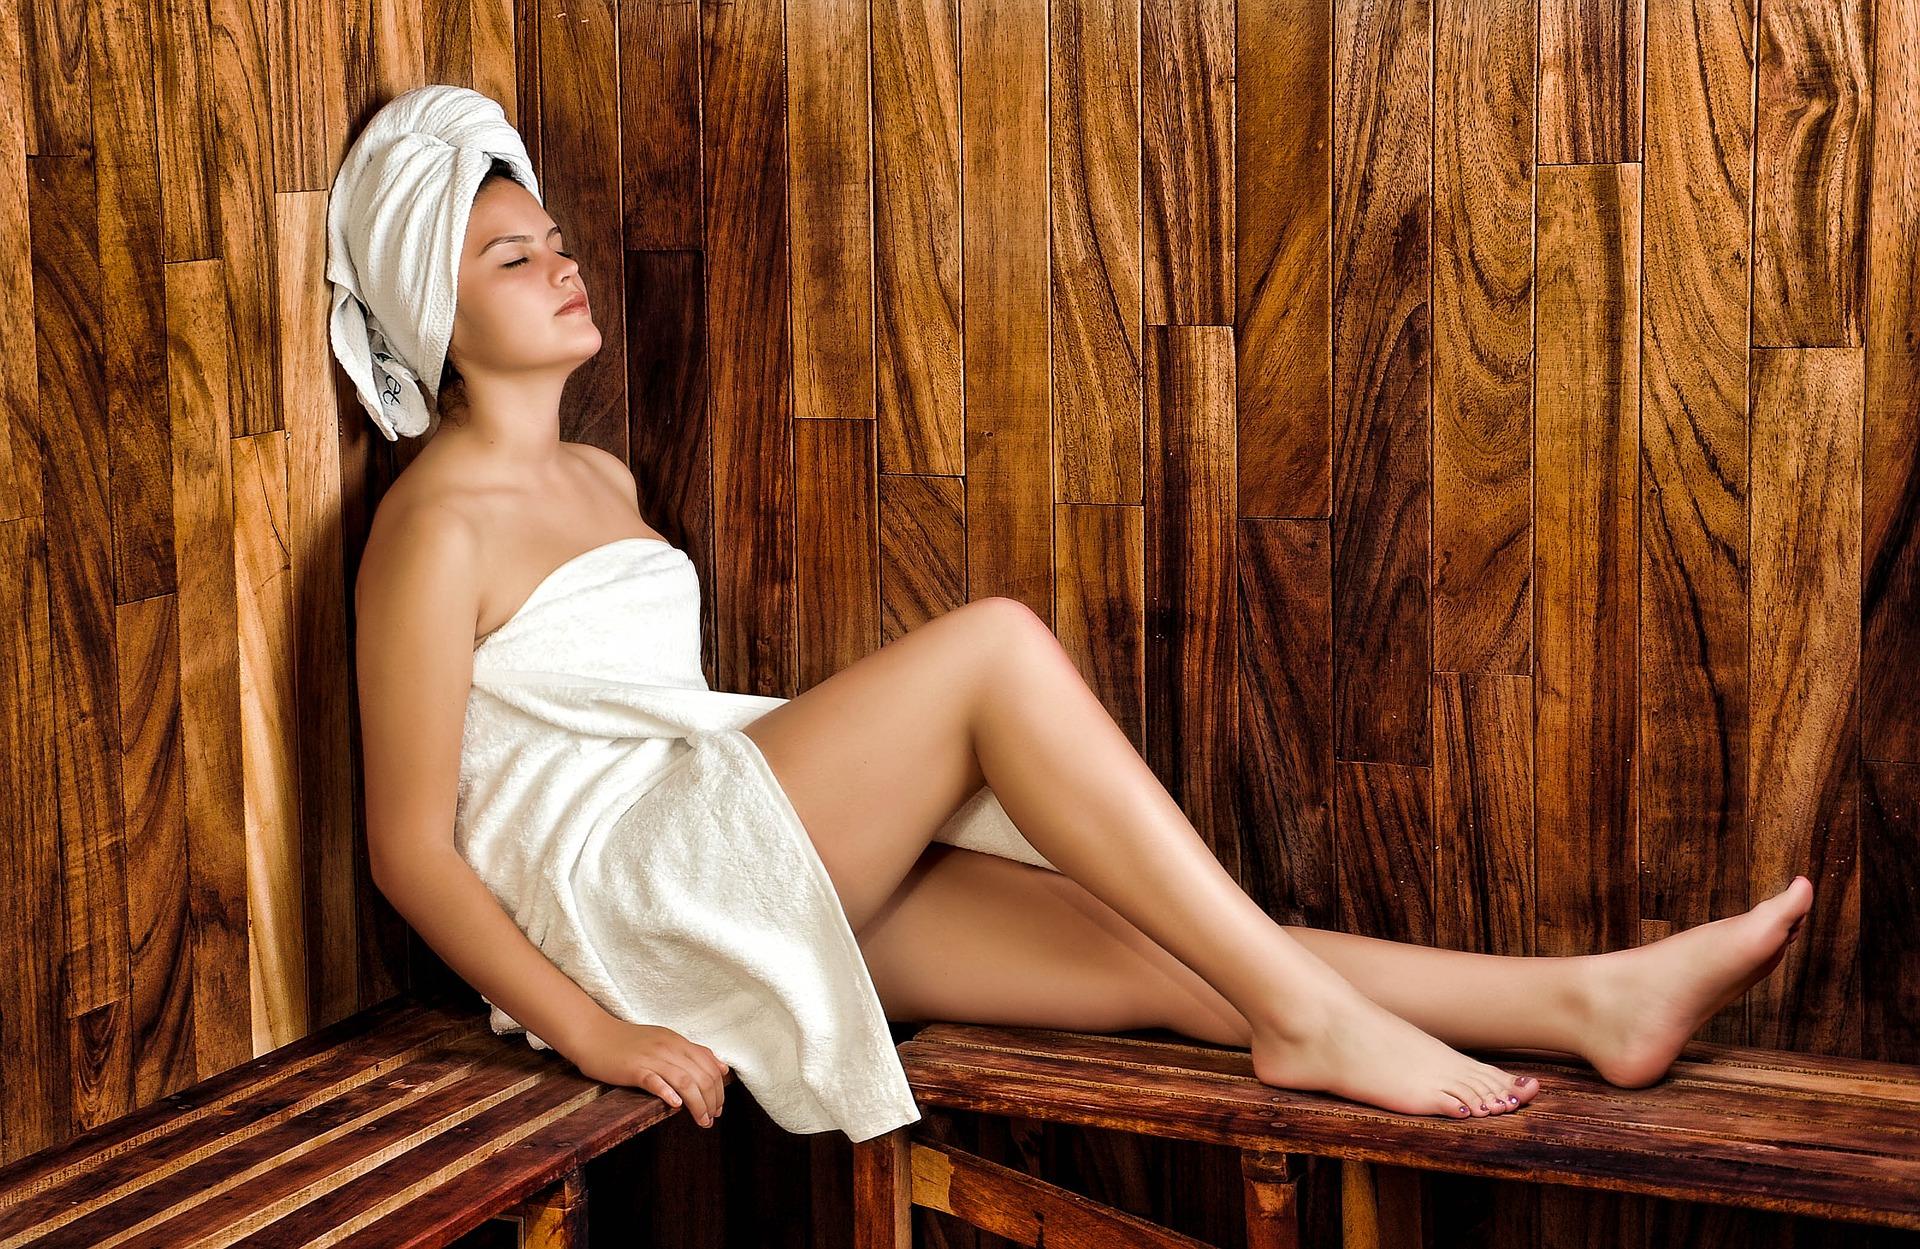 Comment bien pratiquer le sauna ? 6